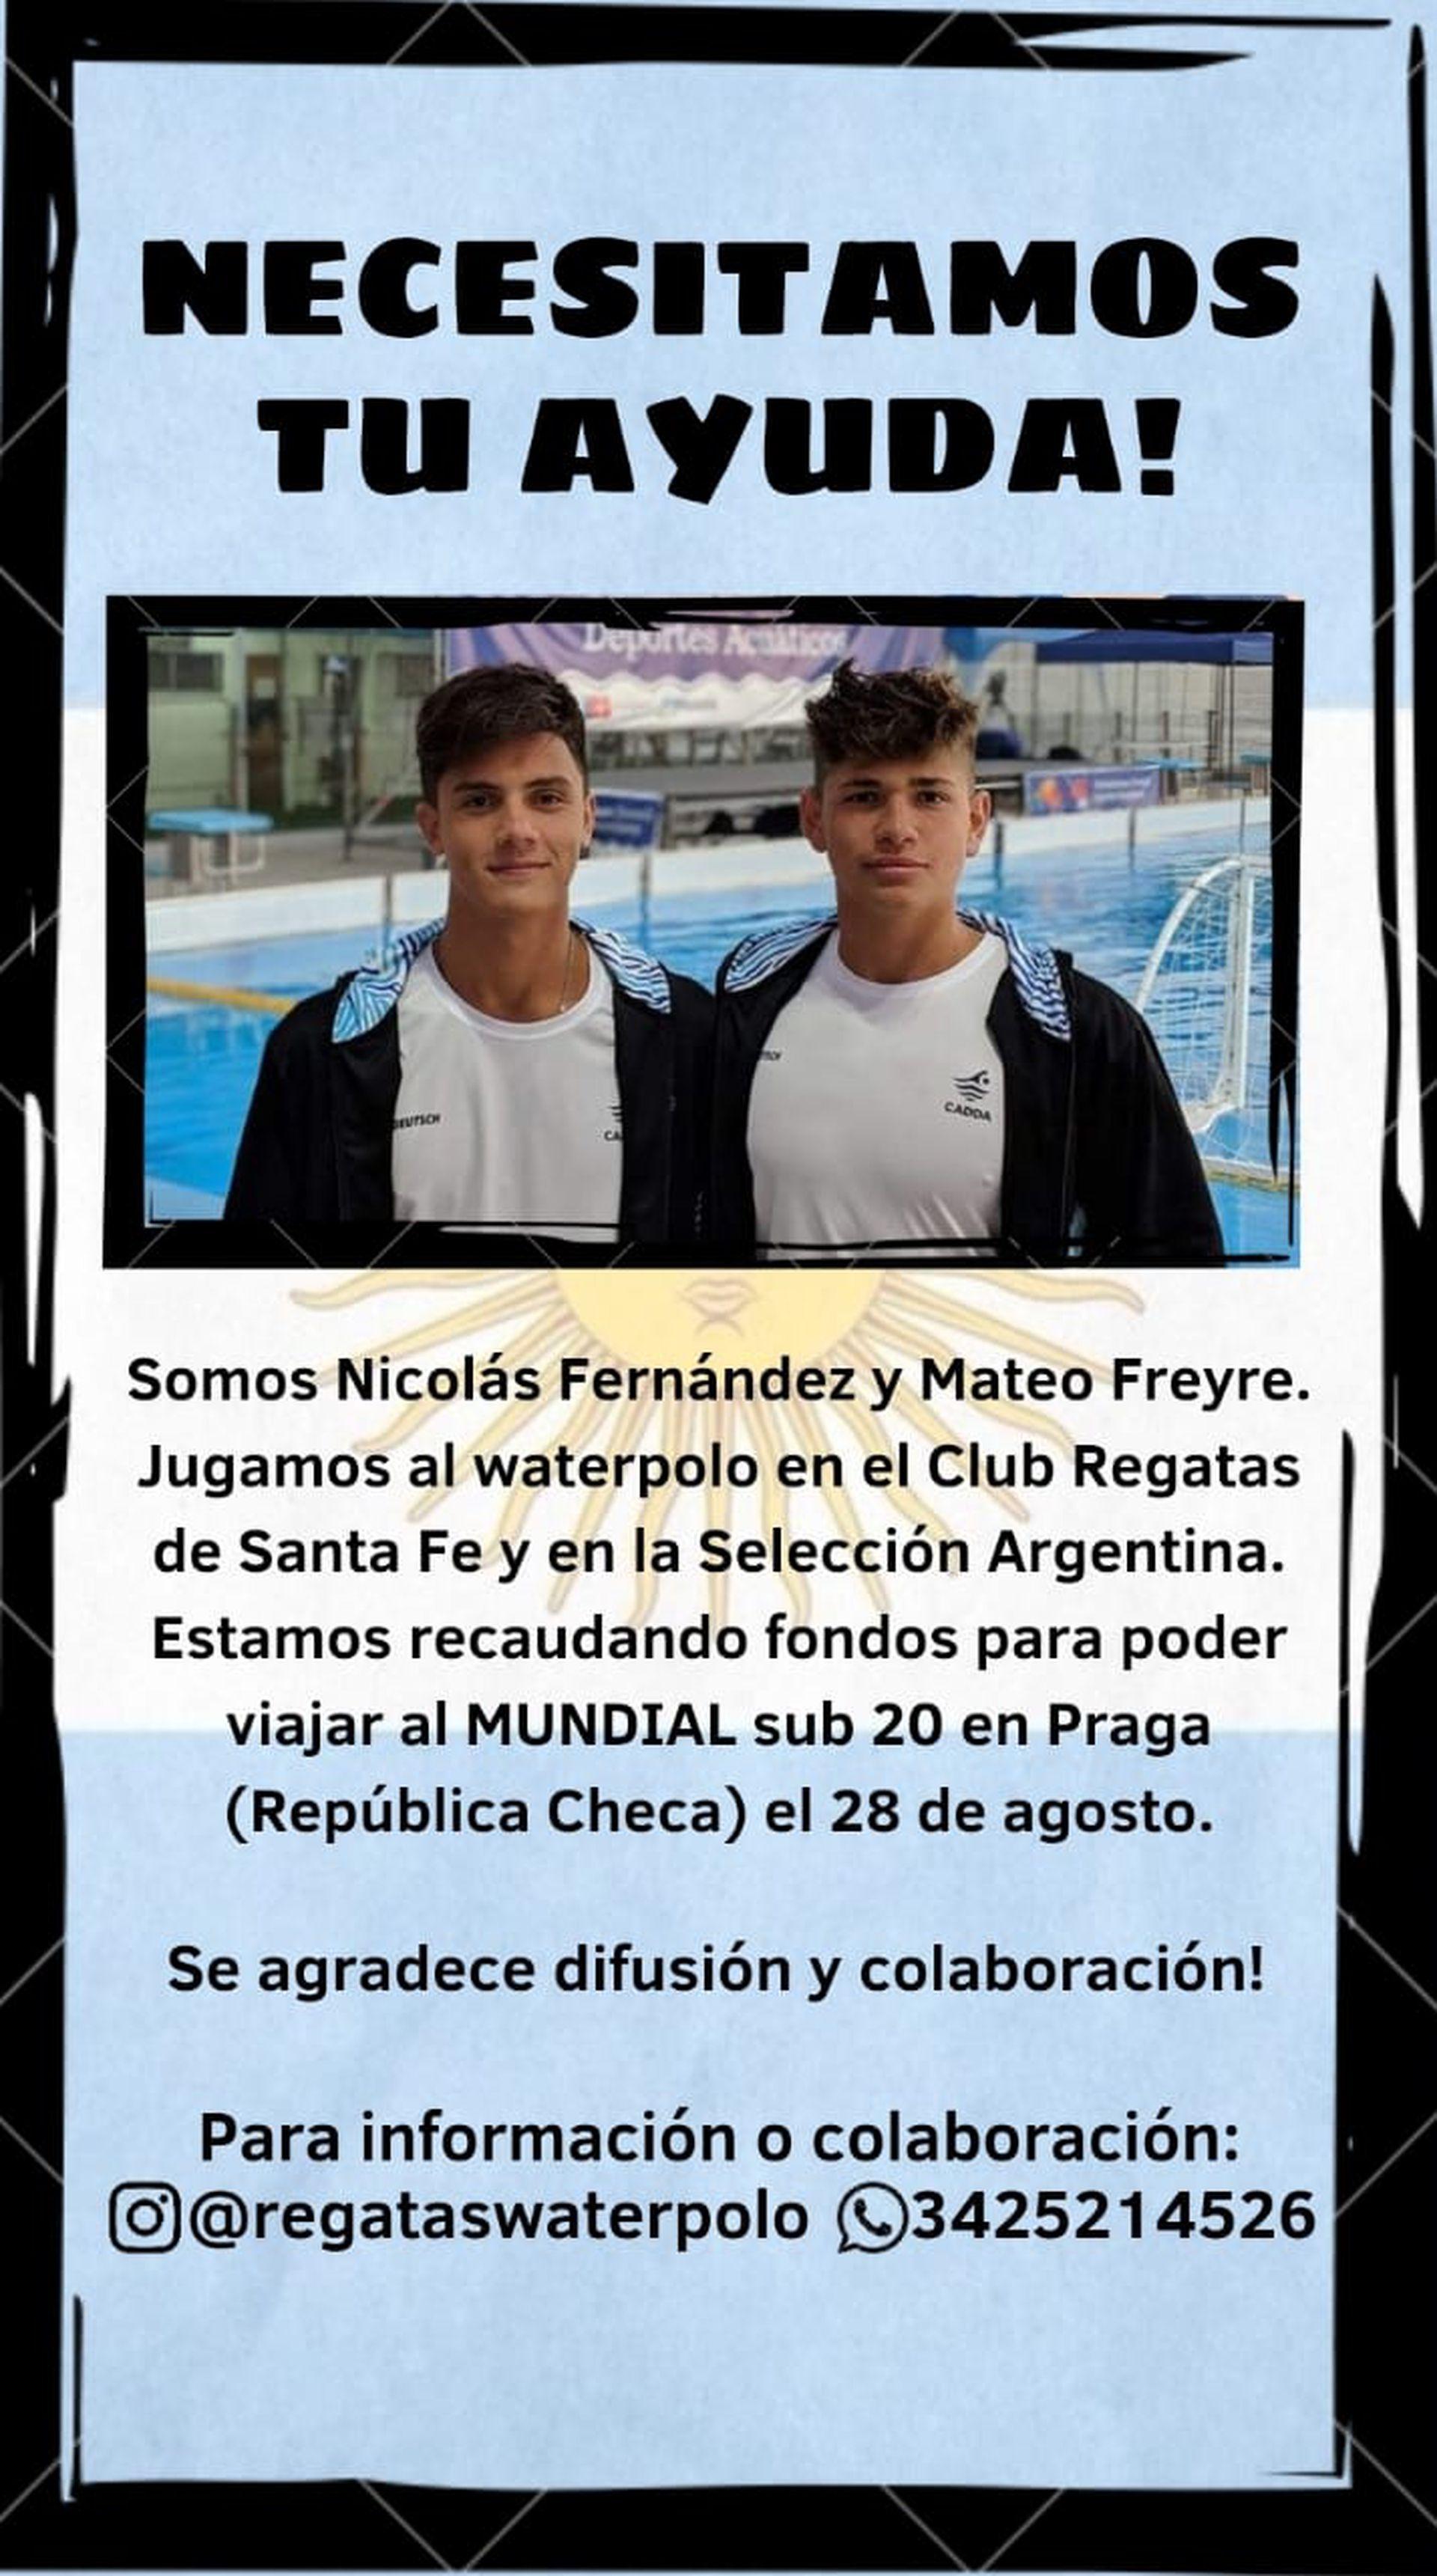 Nicolás Fernández y Mateo Freyre organizaron una venta de alfajores para recaudar fondos para viajar al mundial de waterpolo. Con esta imagen están envueltos los alfajores que venden en Santa Fe.